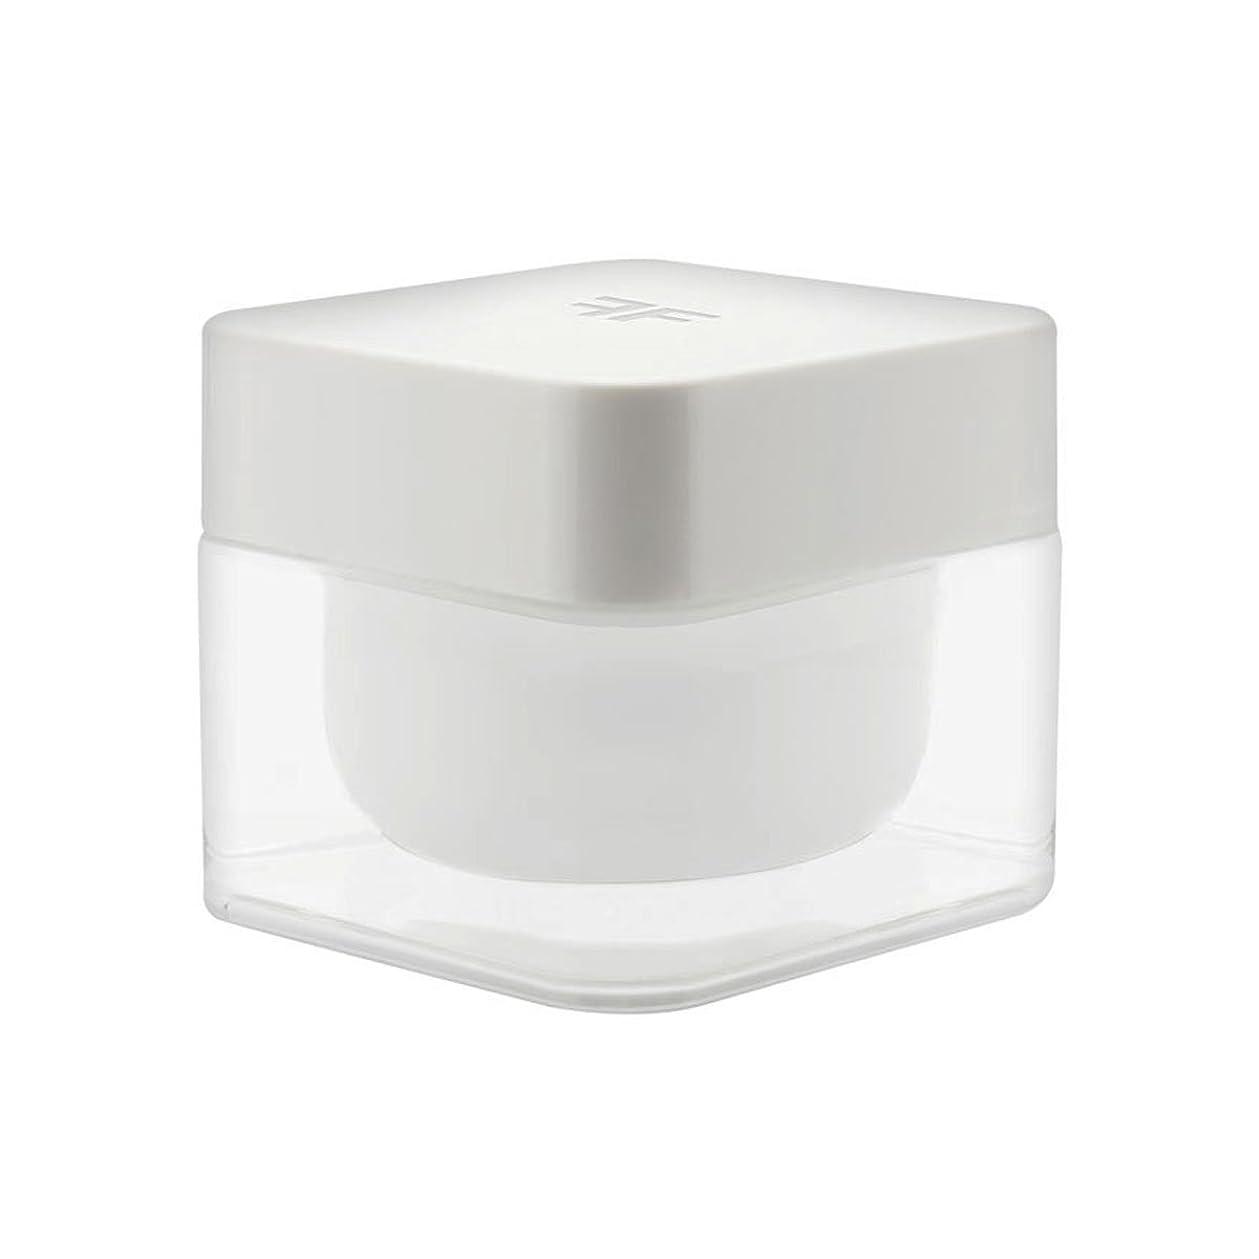 川思われる甘やかすFilorga Skin-absolute Day Ultimate Rejuvenating Day Cream 50ml [並行輸入品]